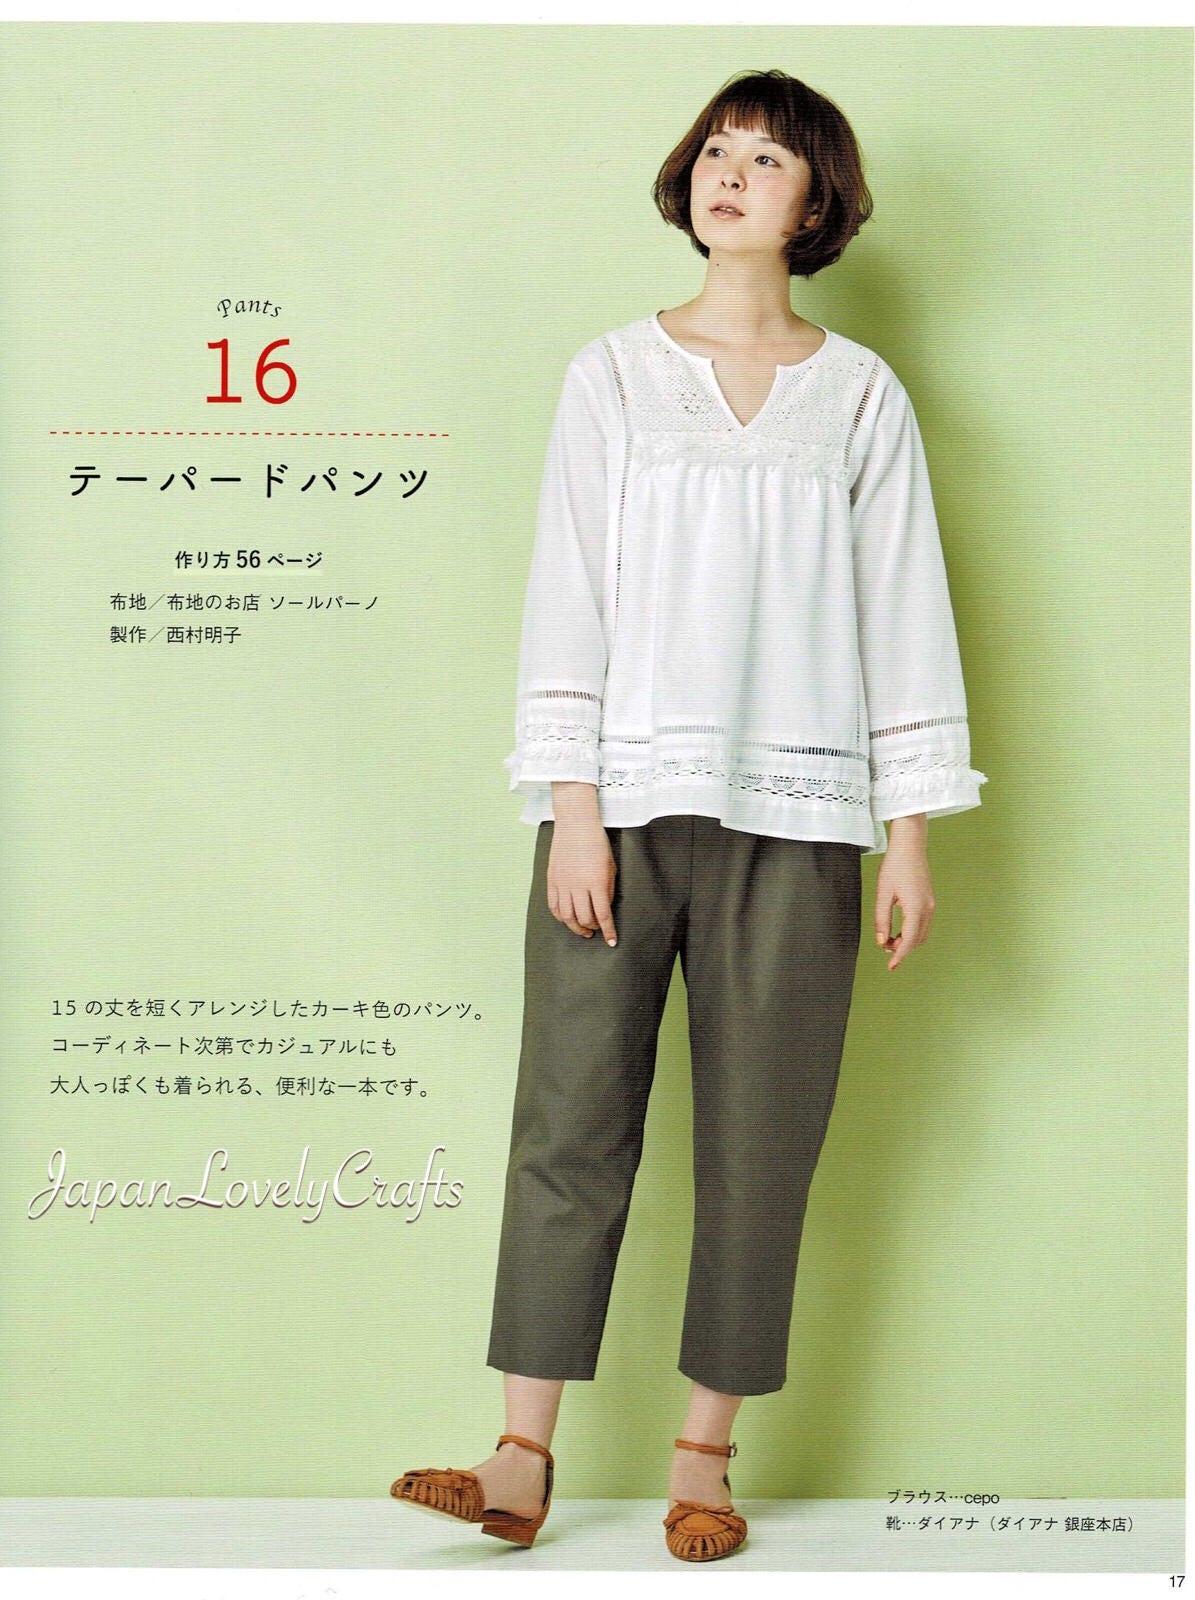 Einfach einfache Hose & Rock Muster japanischen Stil Outfit